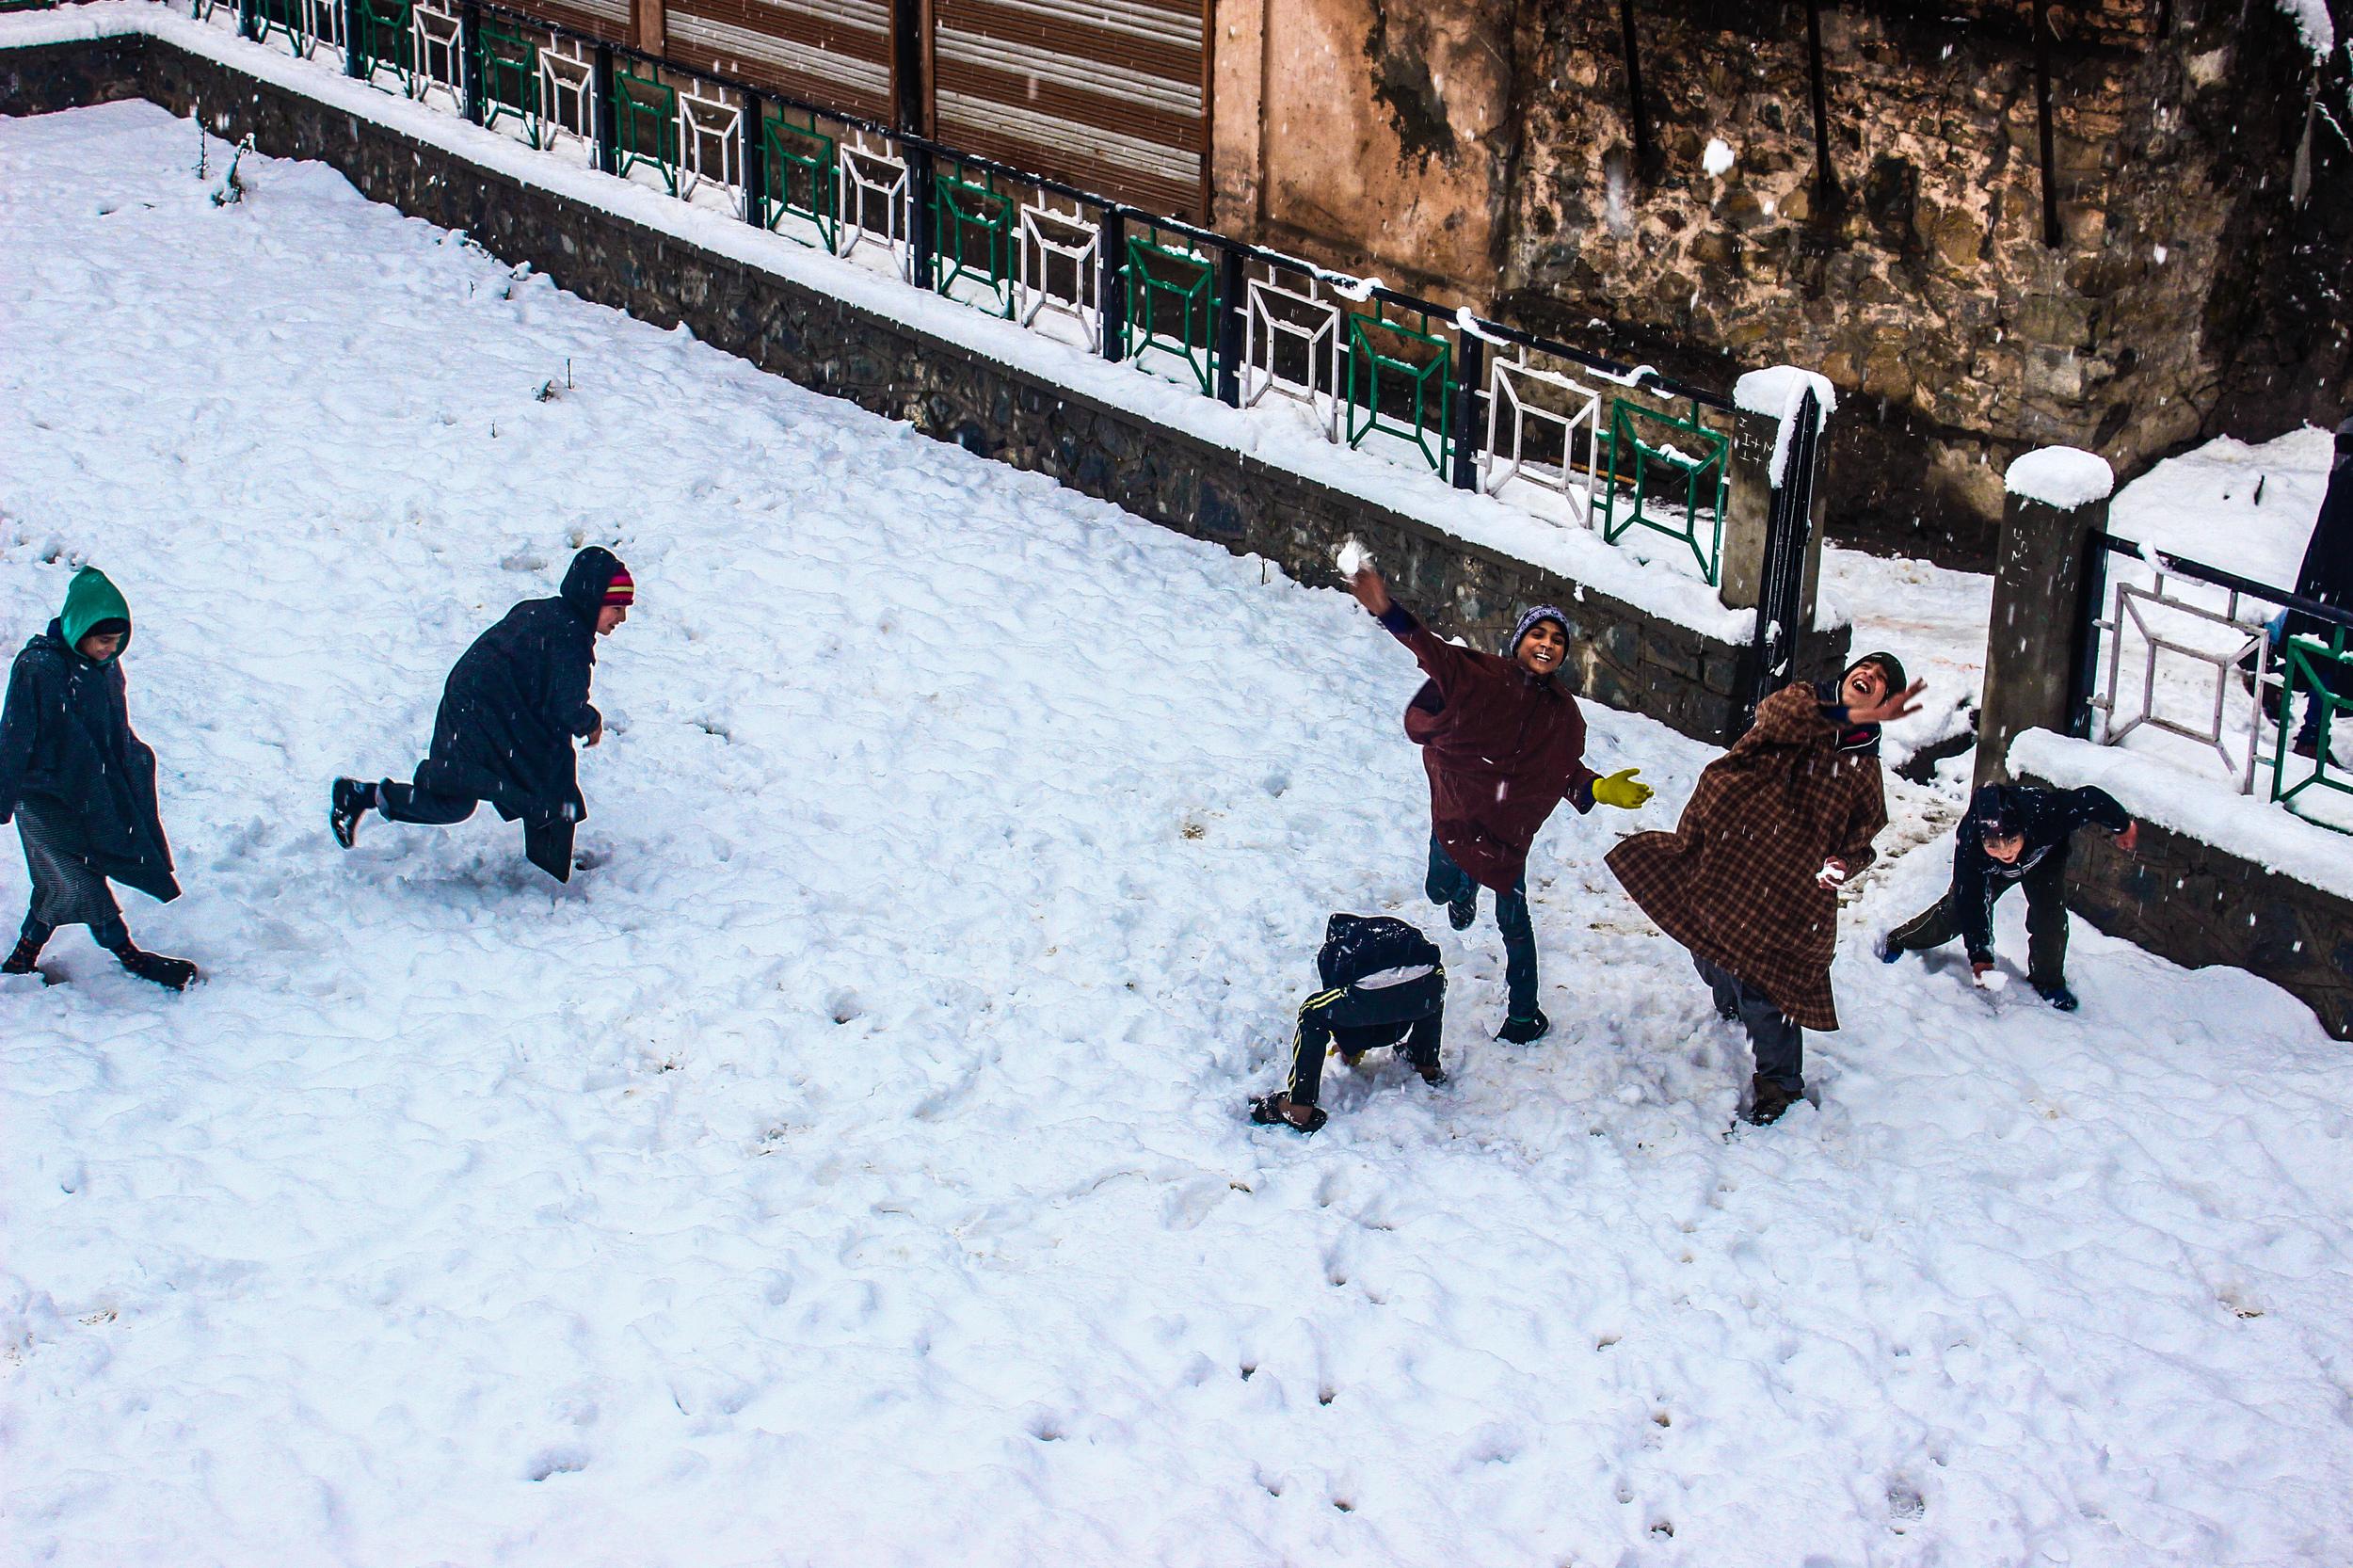 Boys Hurl Snowballs